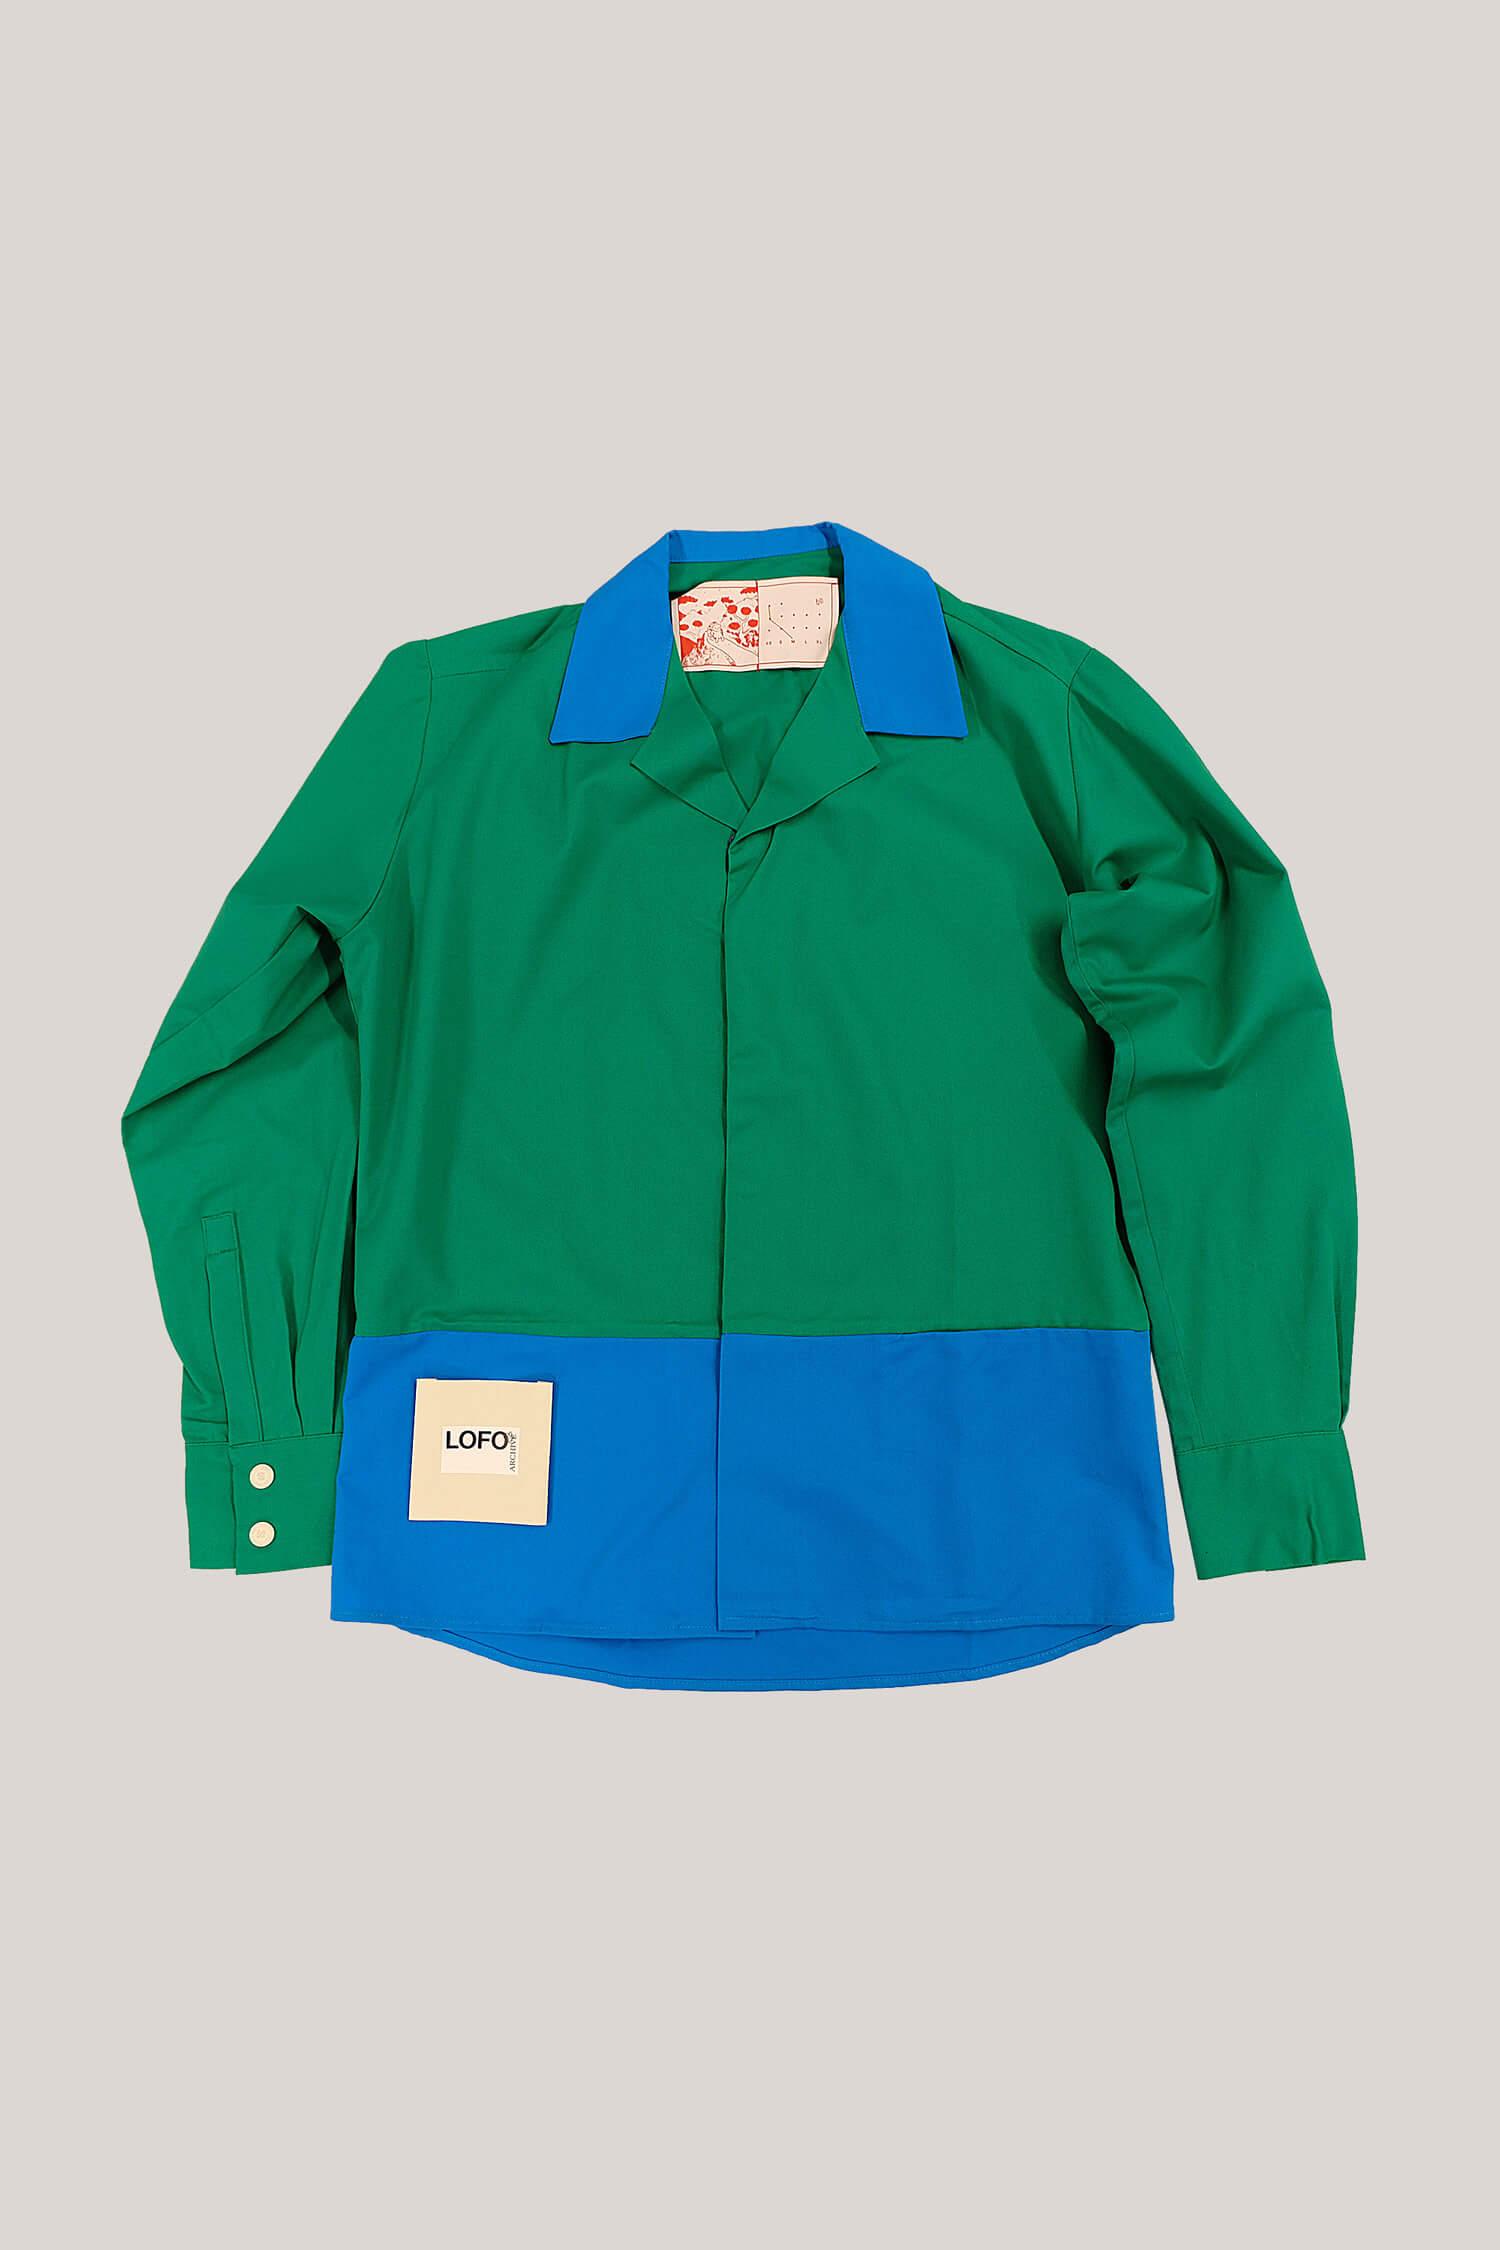 33-Duo-Shirt-1-1